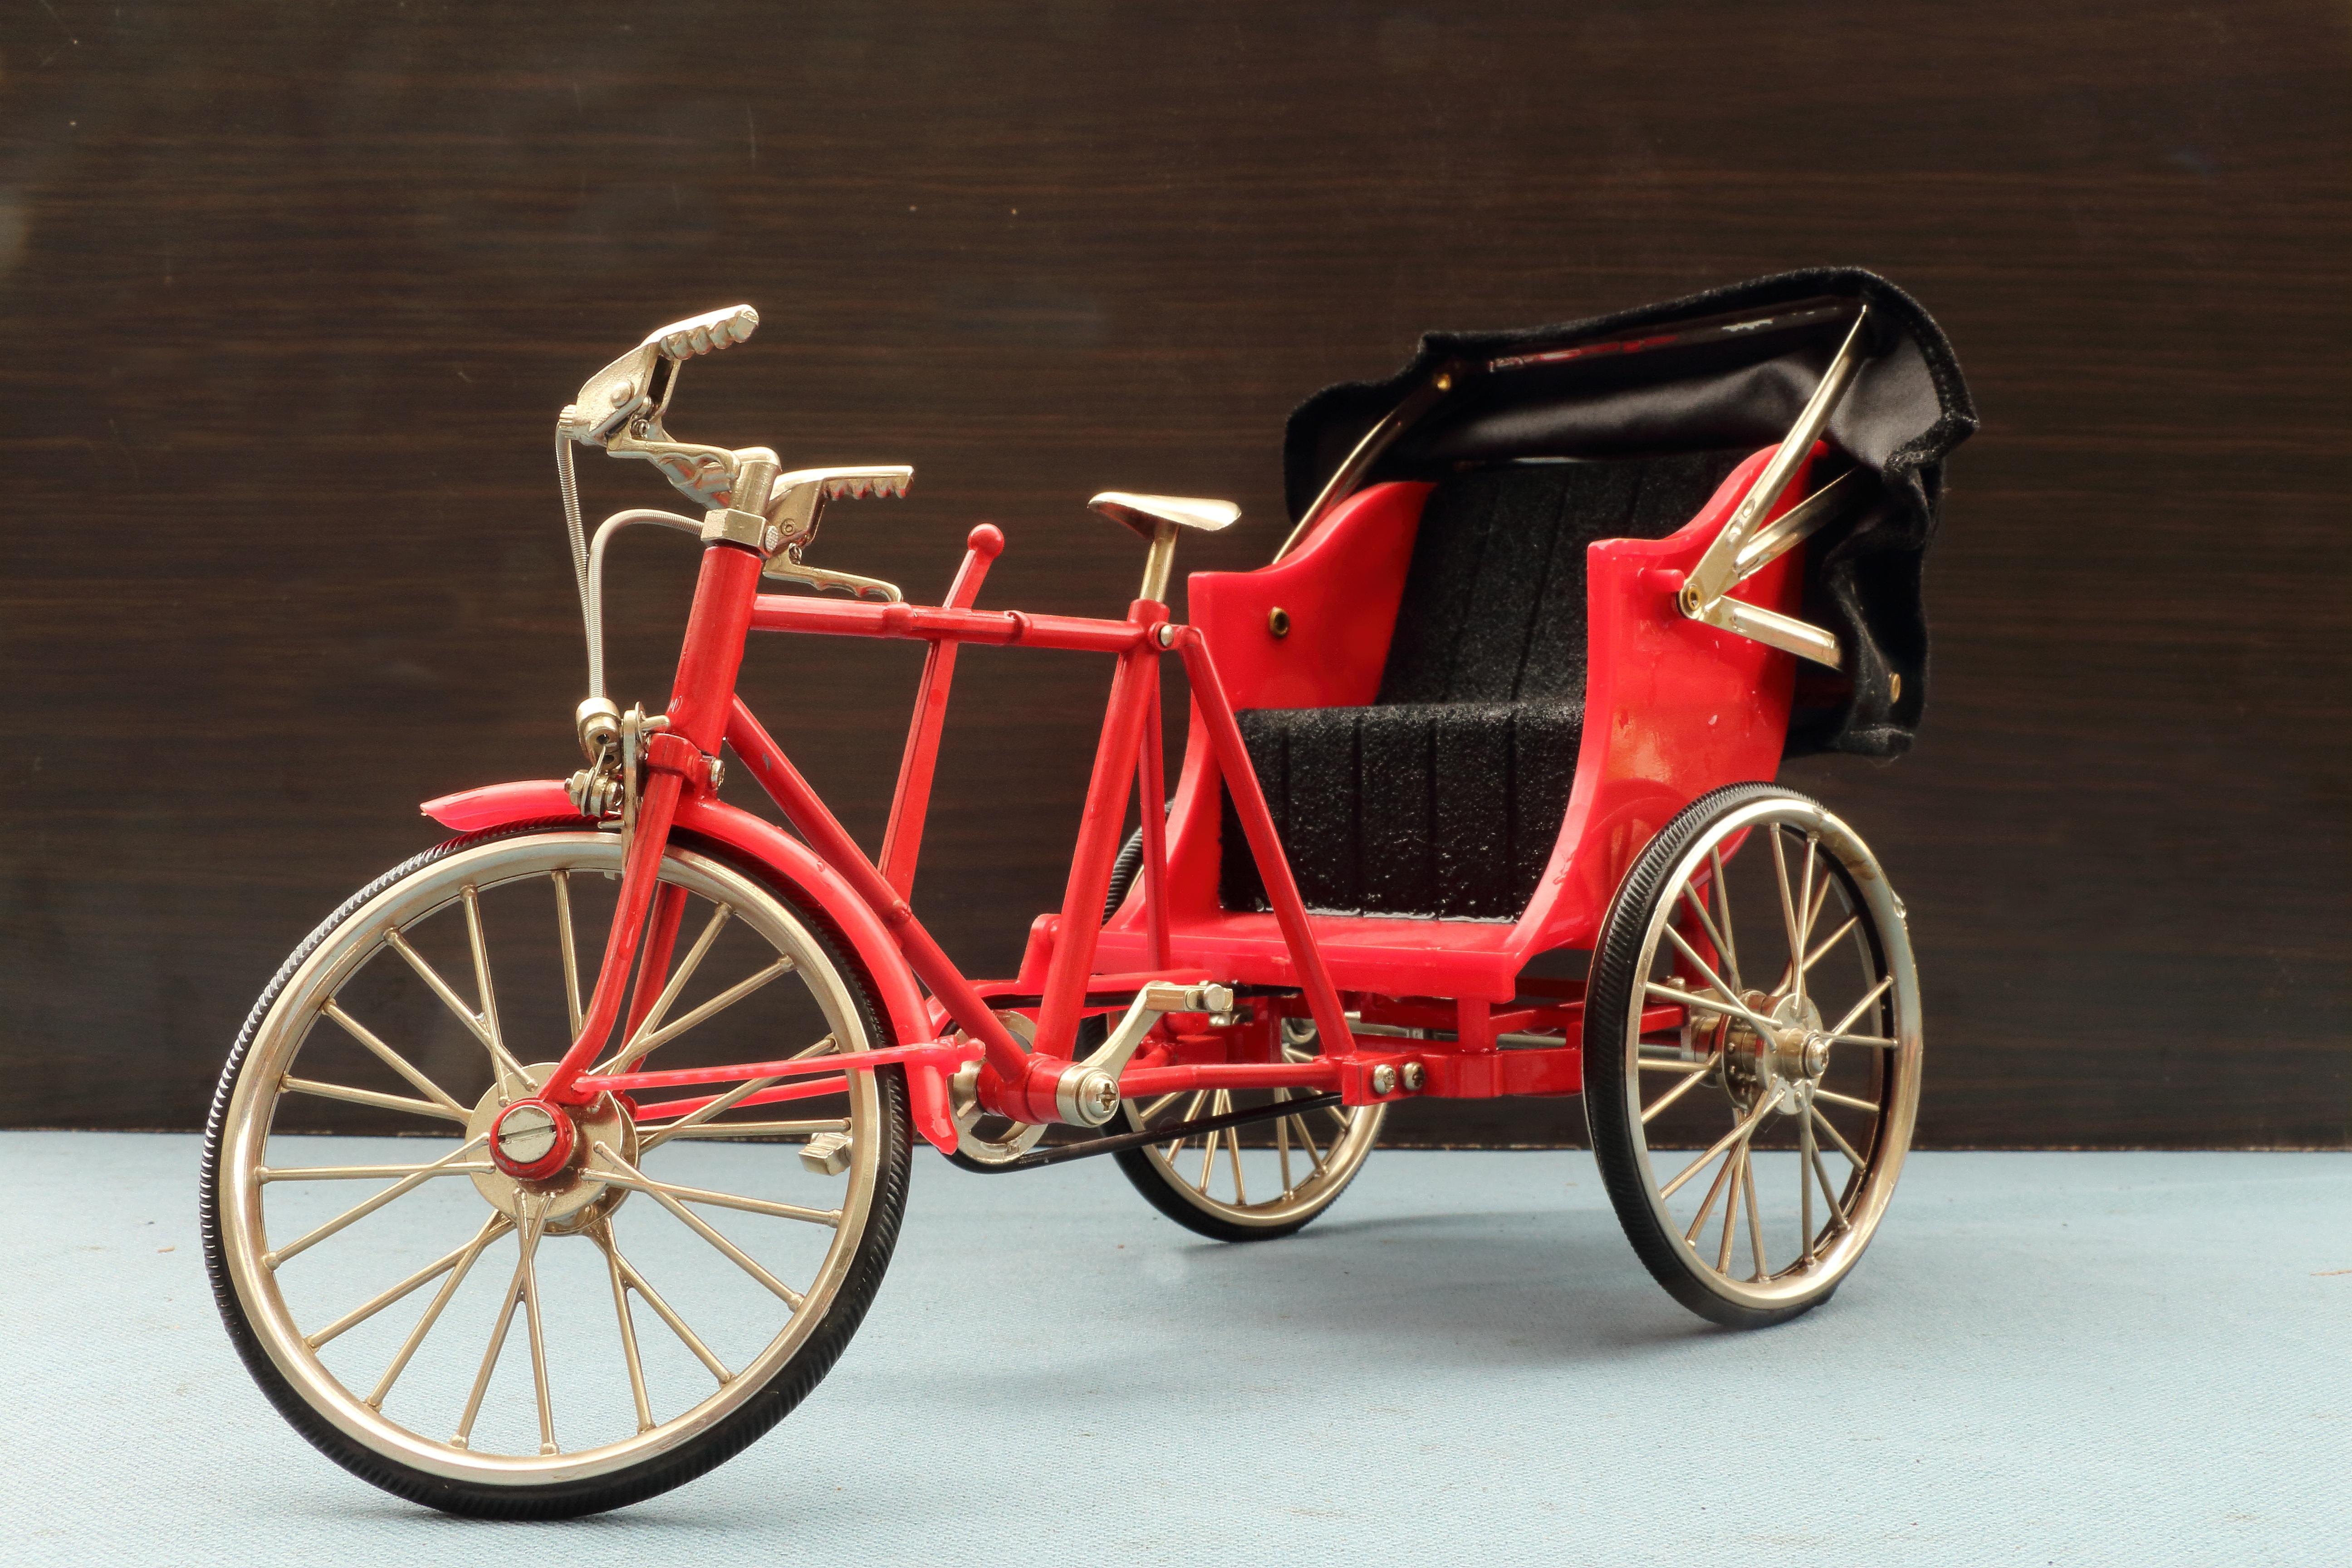 Bánh xe Ba bánh Xe đạp xe đạp Xe Thu nhỏ xe Xe kéo Xe đất